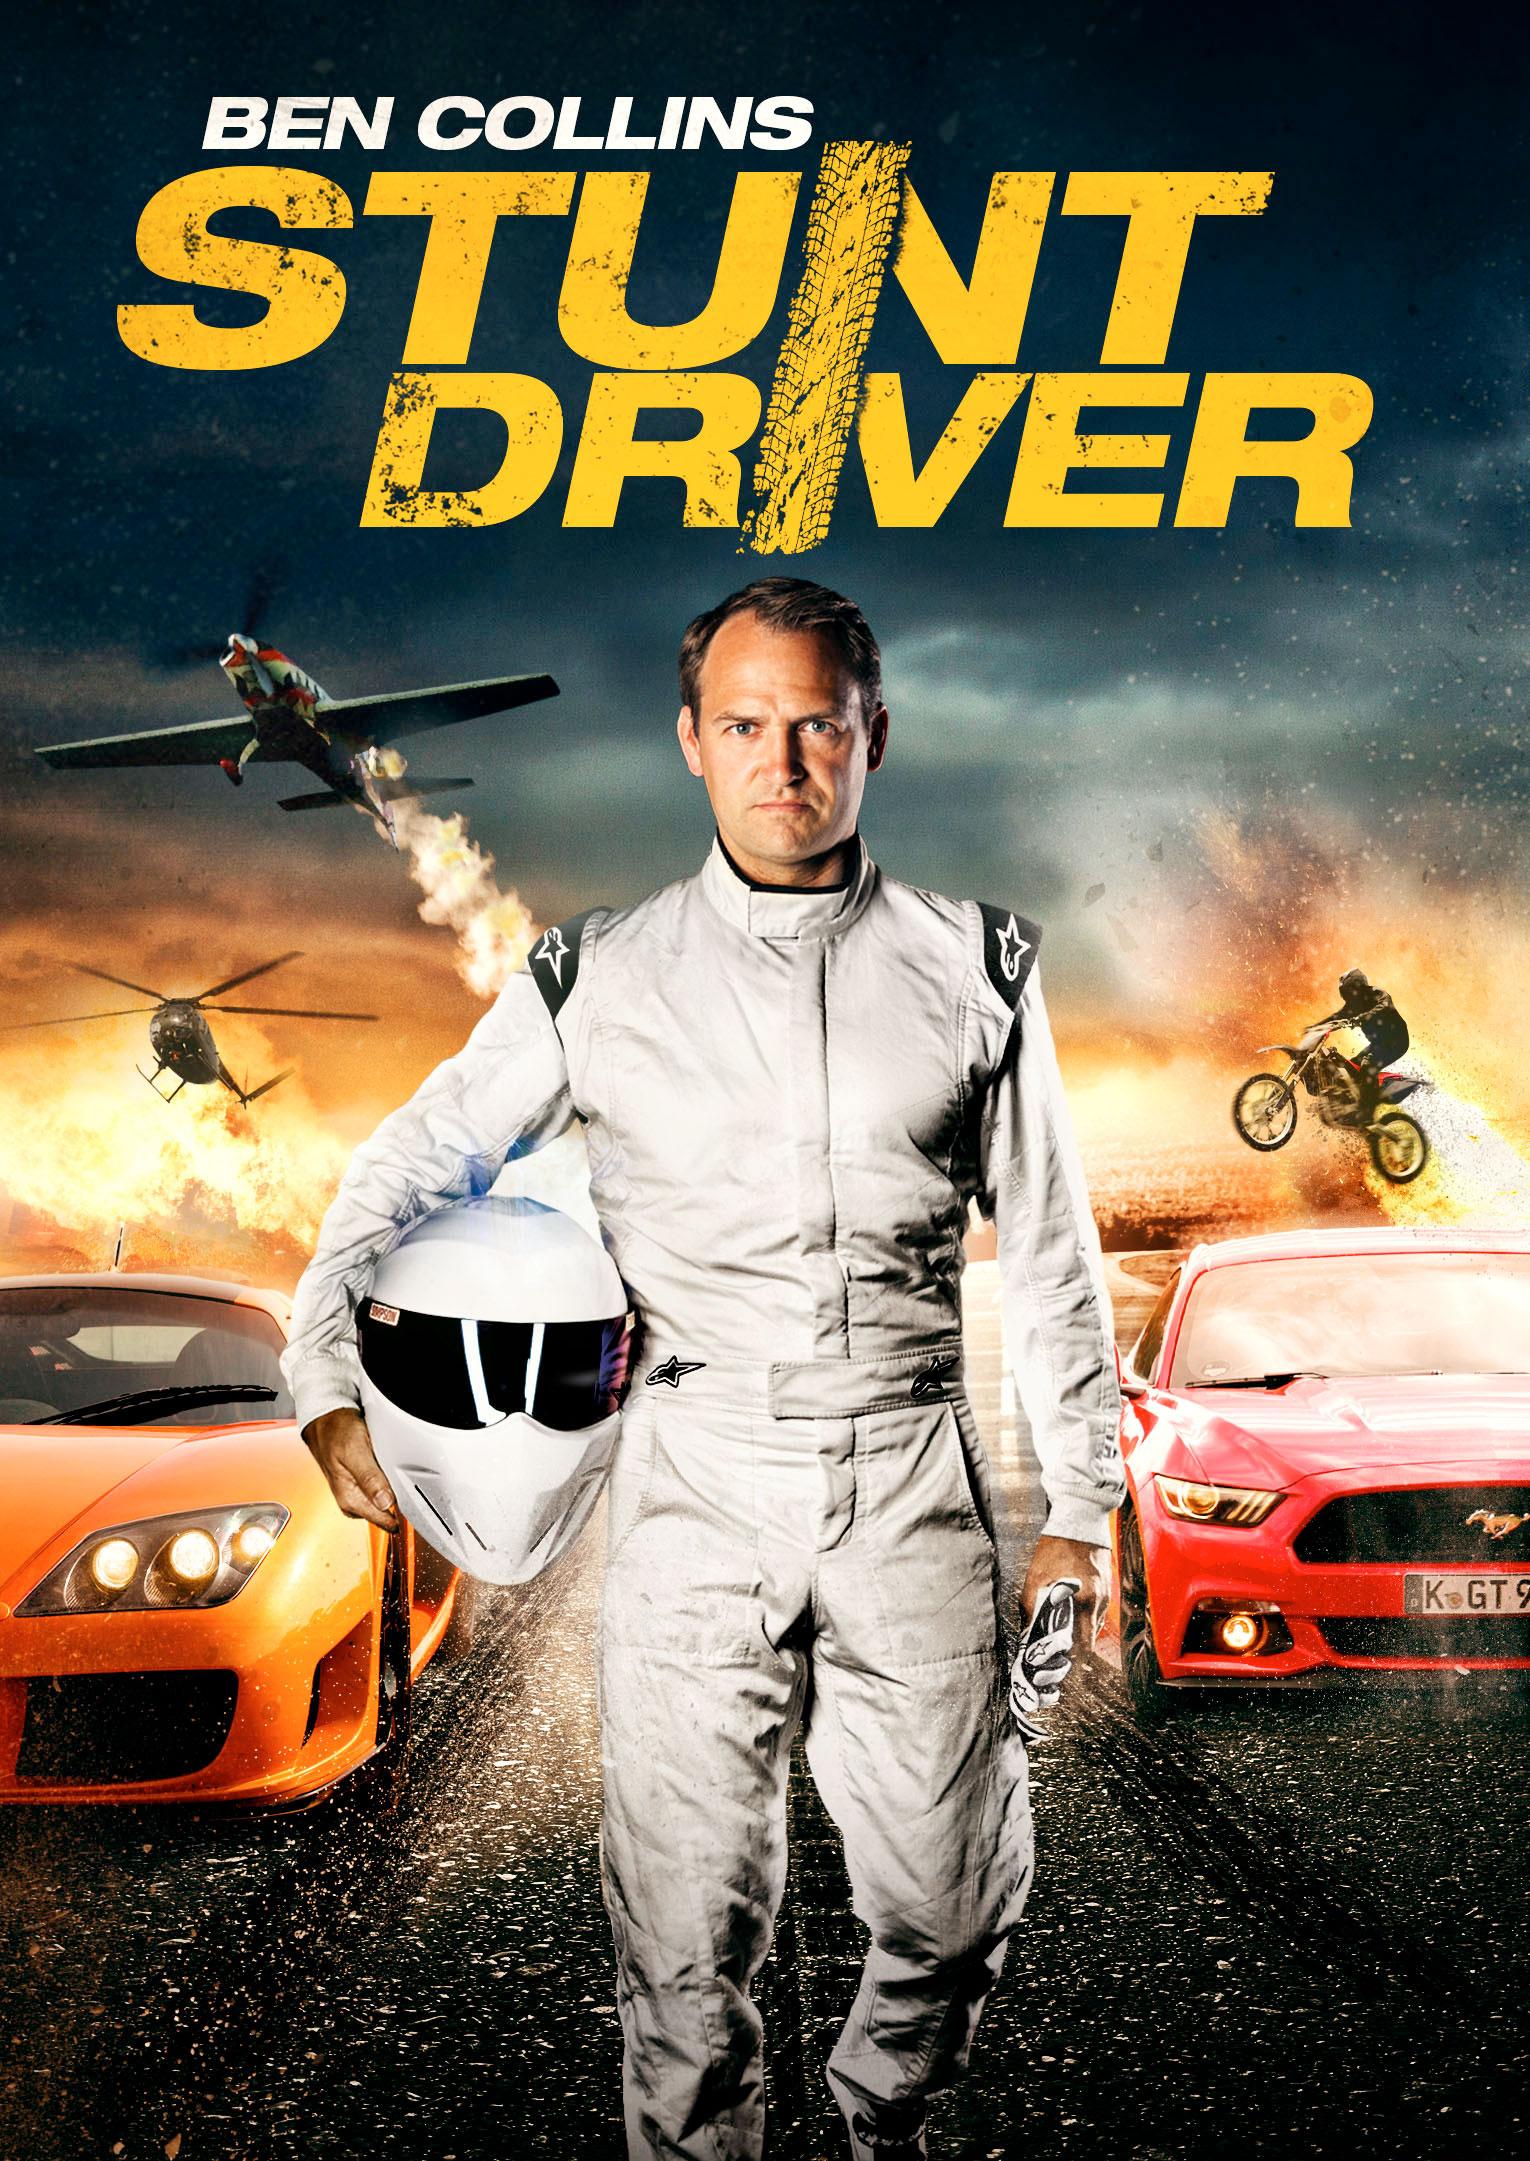 'Ben Collins' Stunt Driver